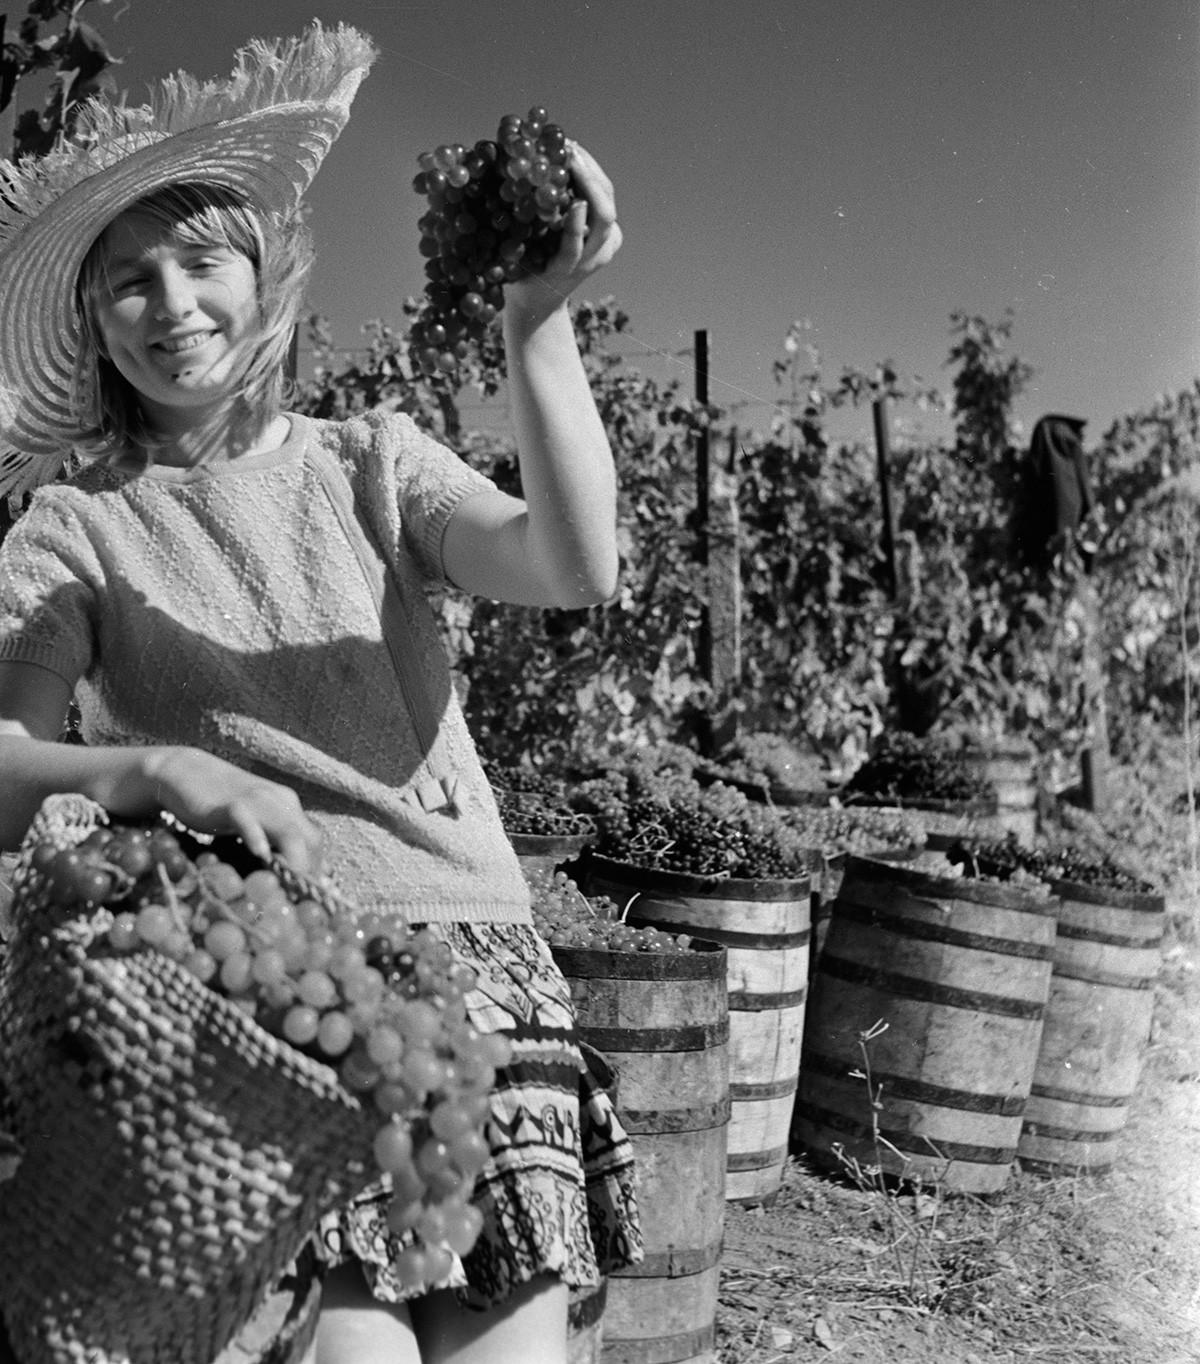 Weinlese auf der Krim, 1970